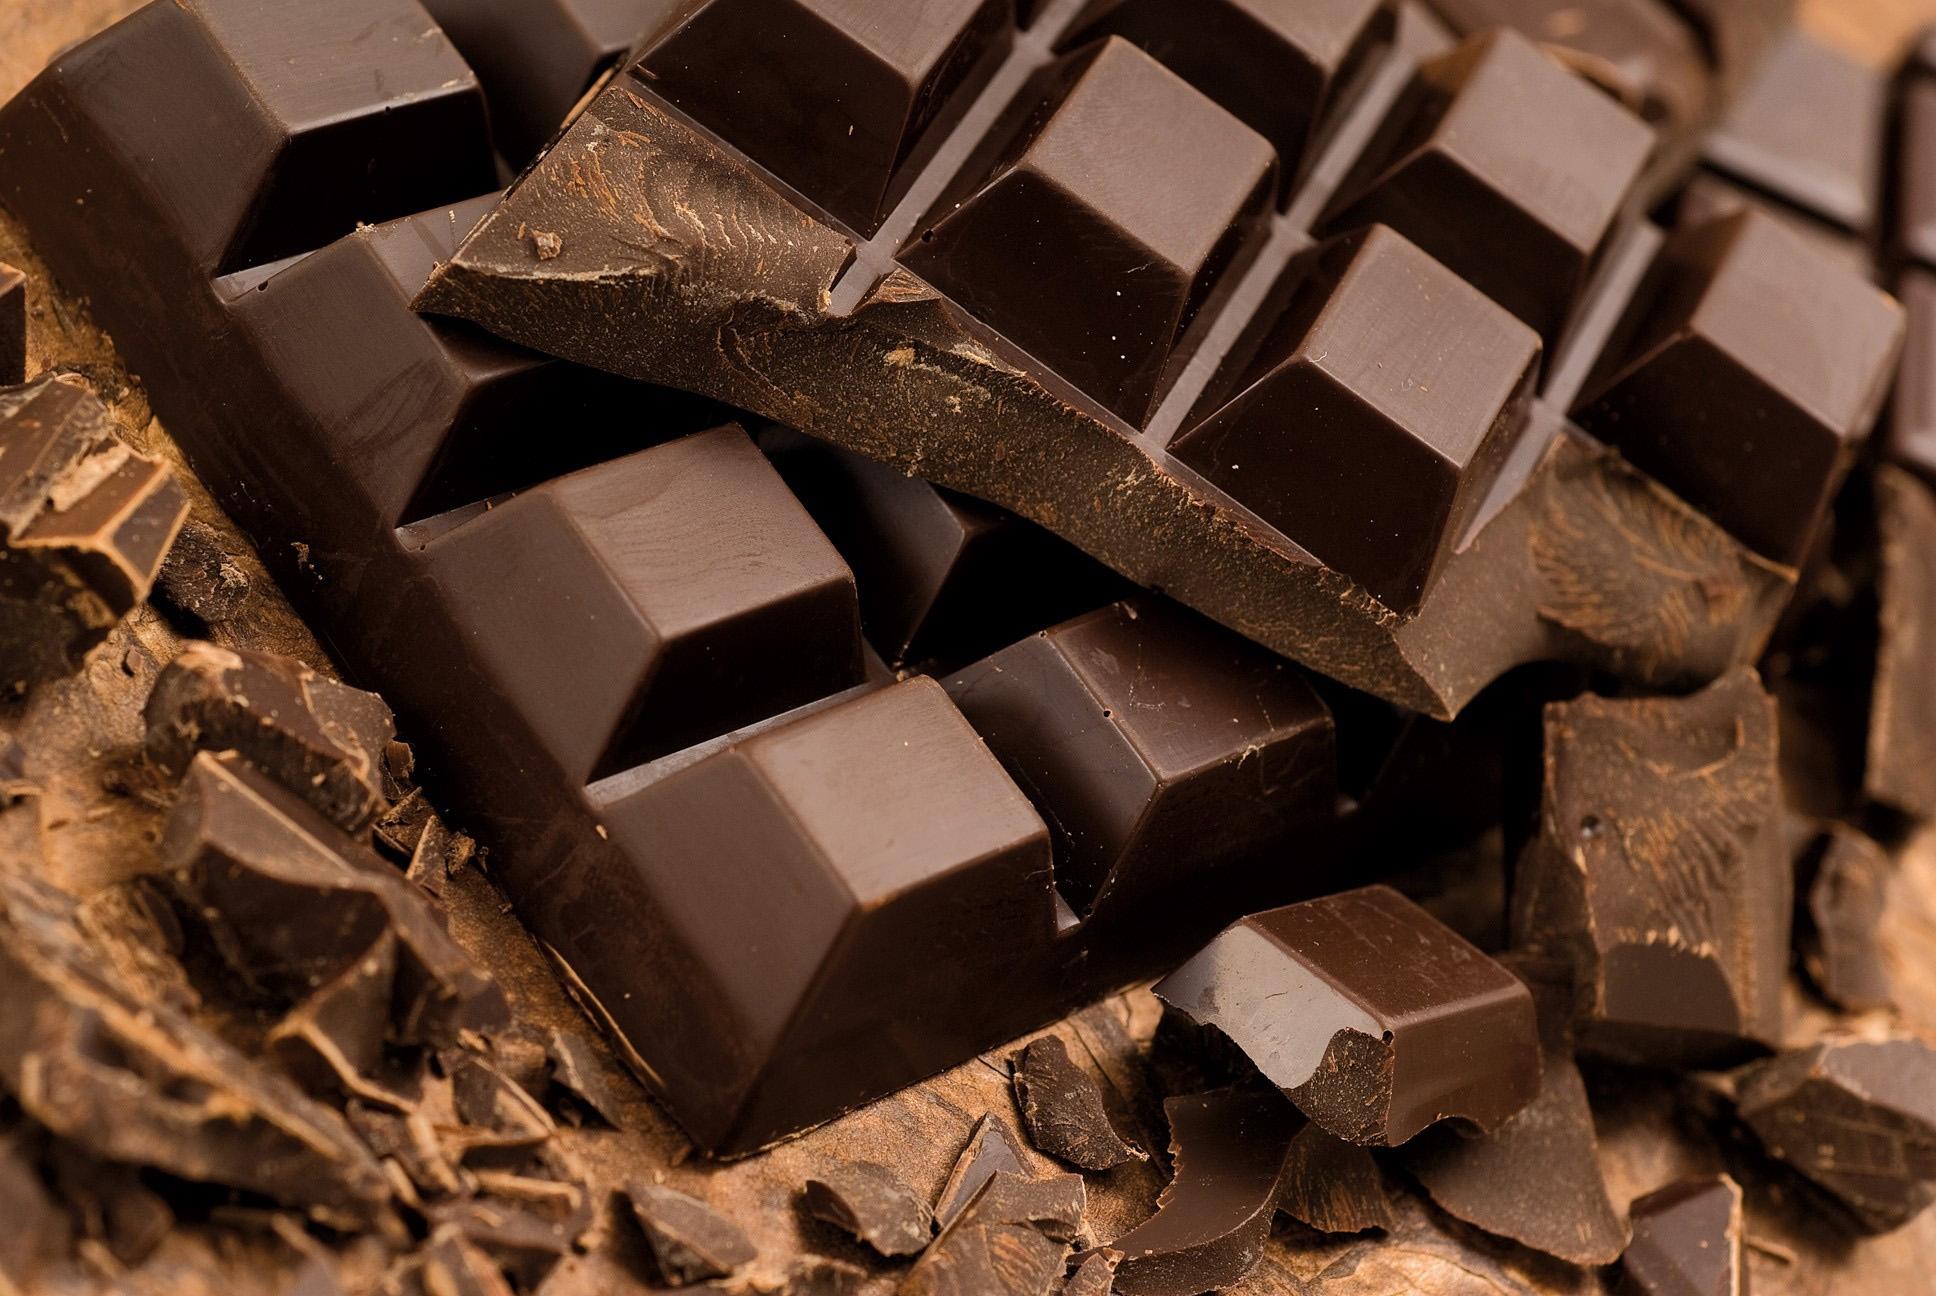 Les avantages du chocolat noir pour la santé - Les avantages du chocolat noir pour la santé